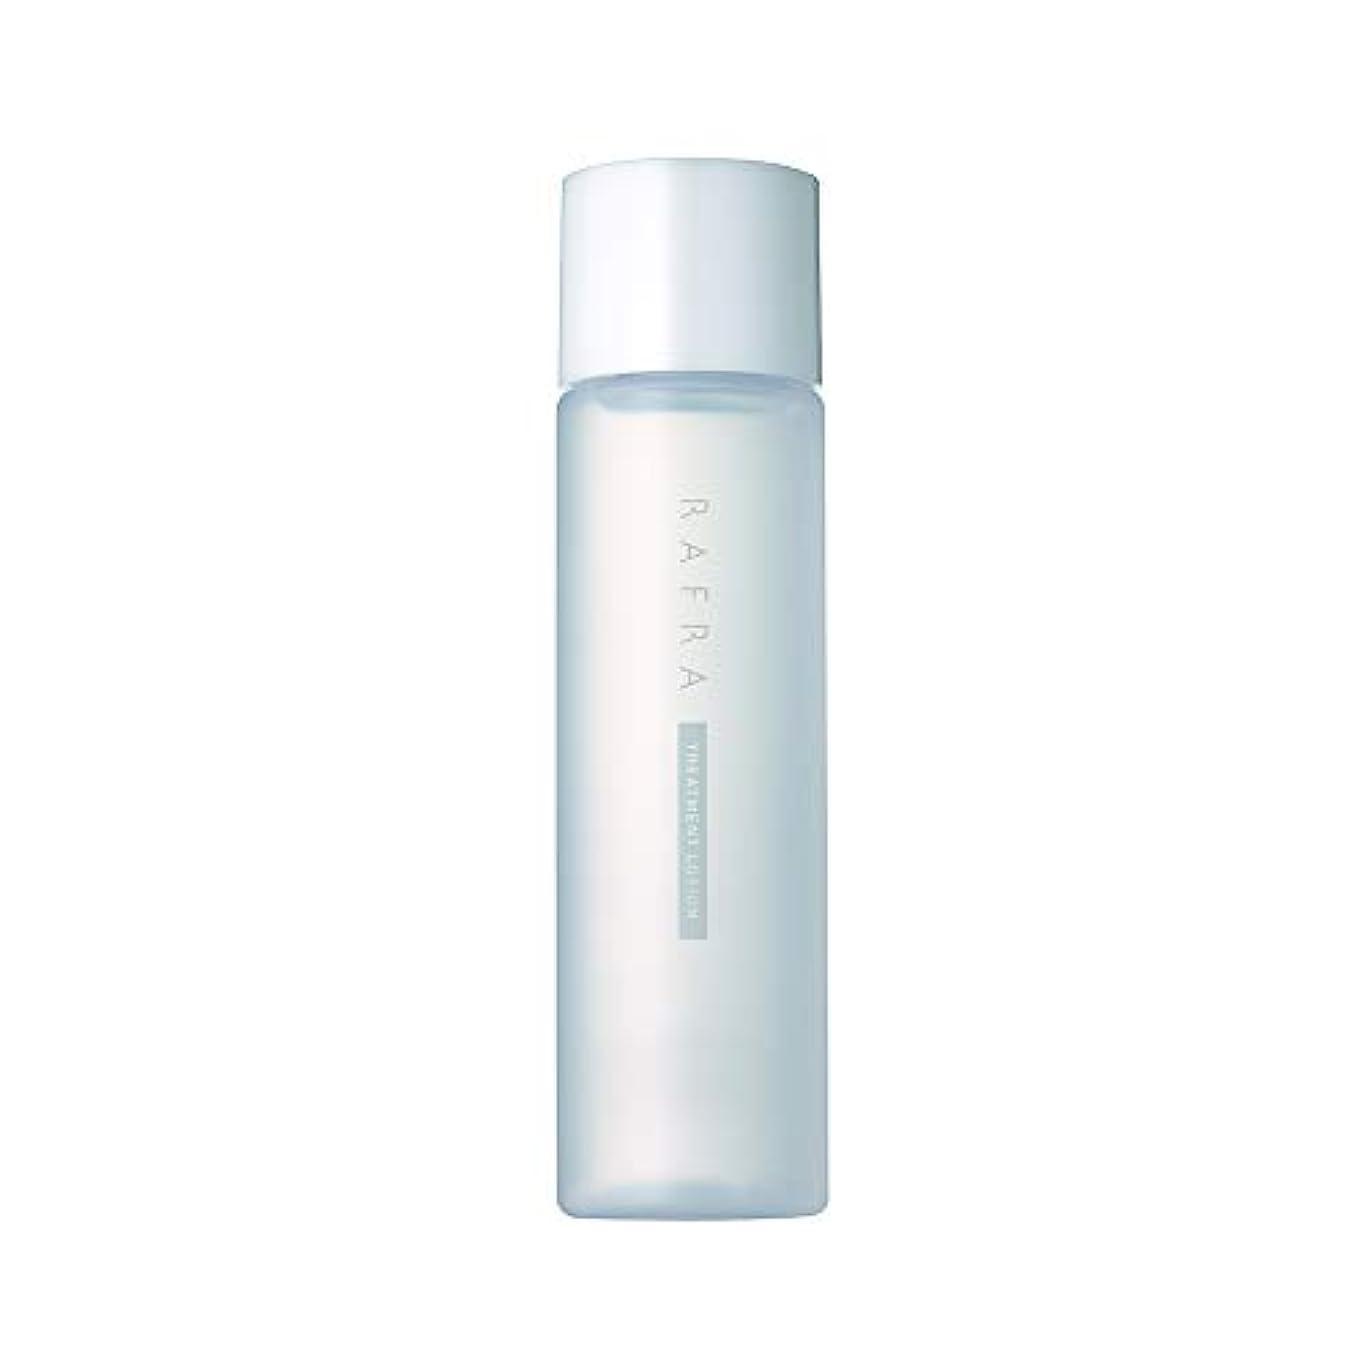 アルコーブ使役十ラフラ トリートメントローション 150ml 化粧水 ブースター 導入液